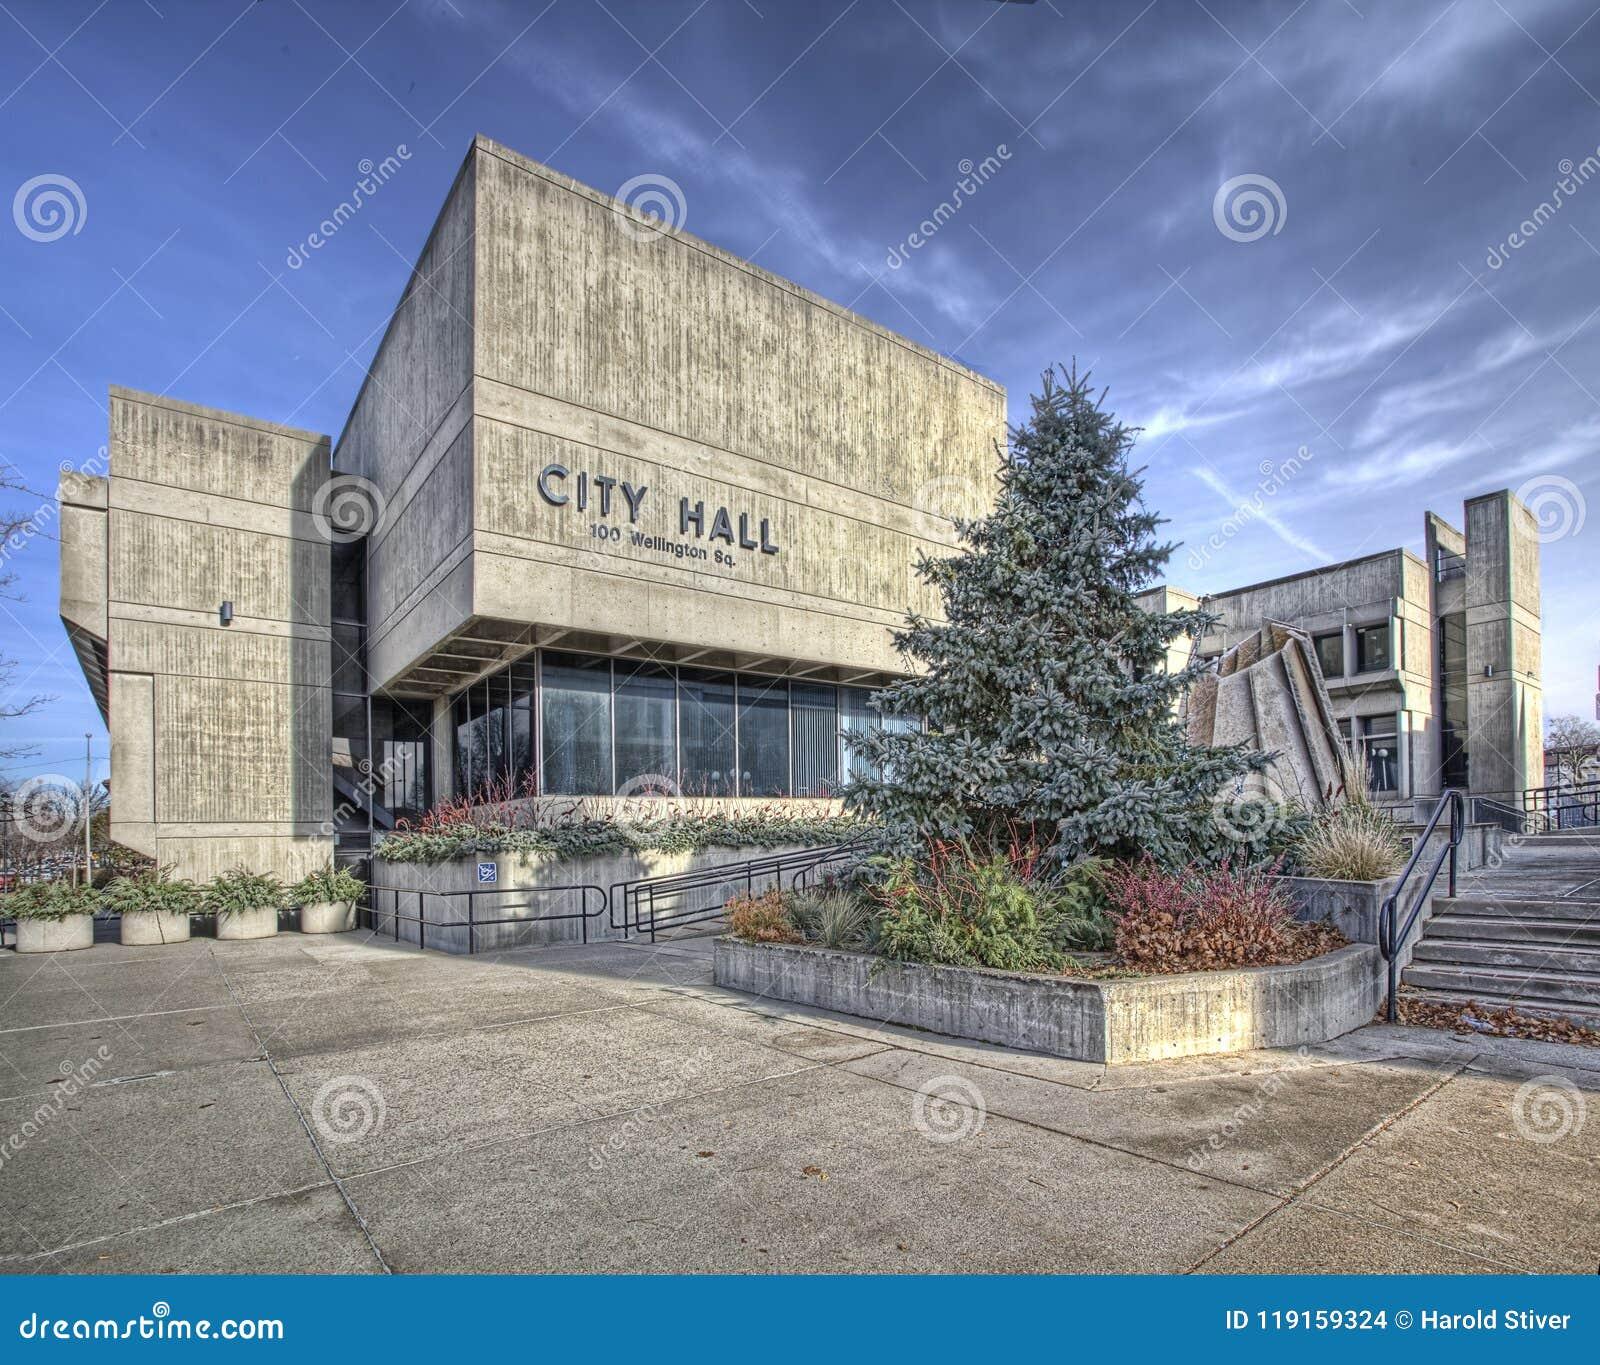 city of brantford ontario canada